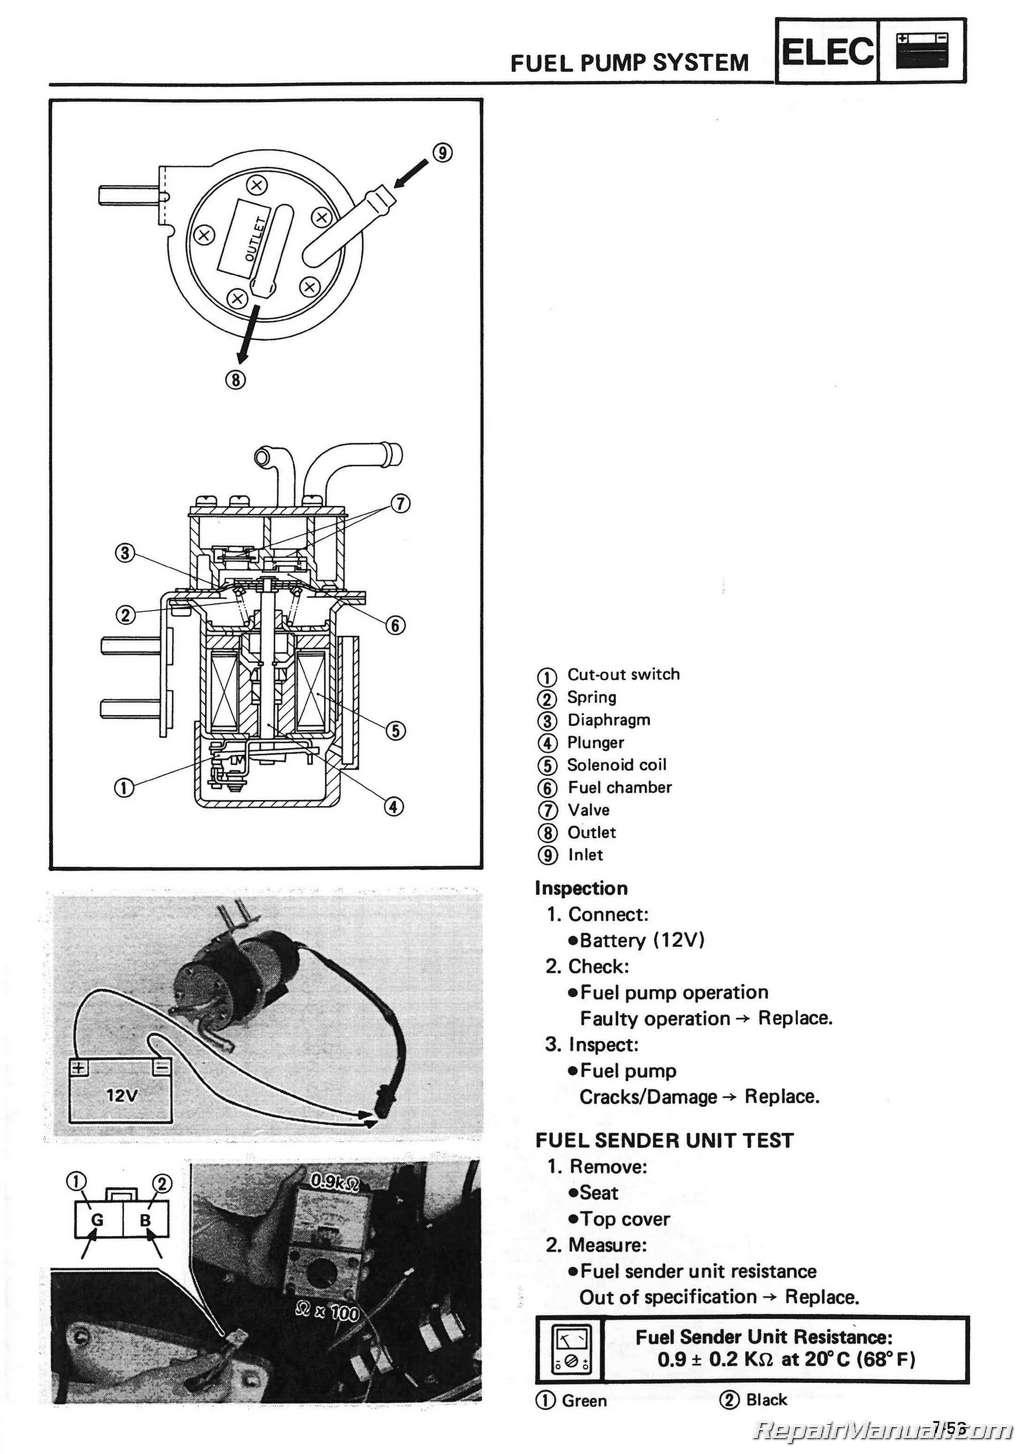 1994 yamaha banshee wiring diagram xlr mono jack 1985 2000 vmx1200 vmax motorcycle service manual